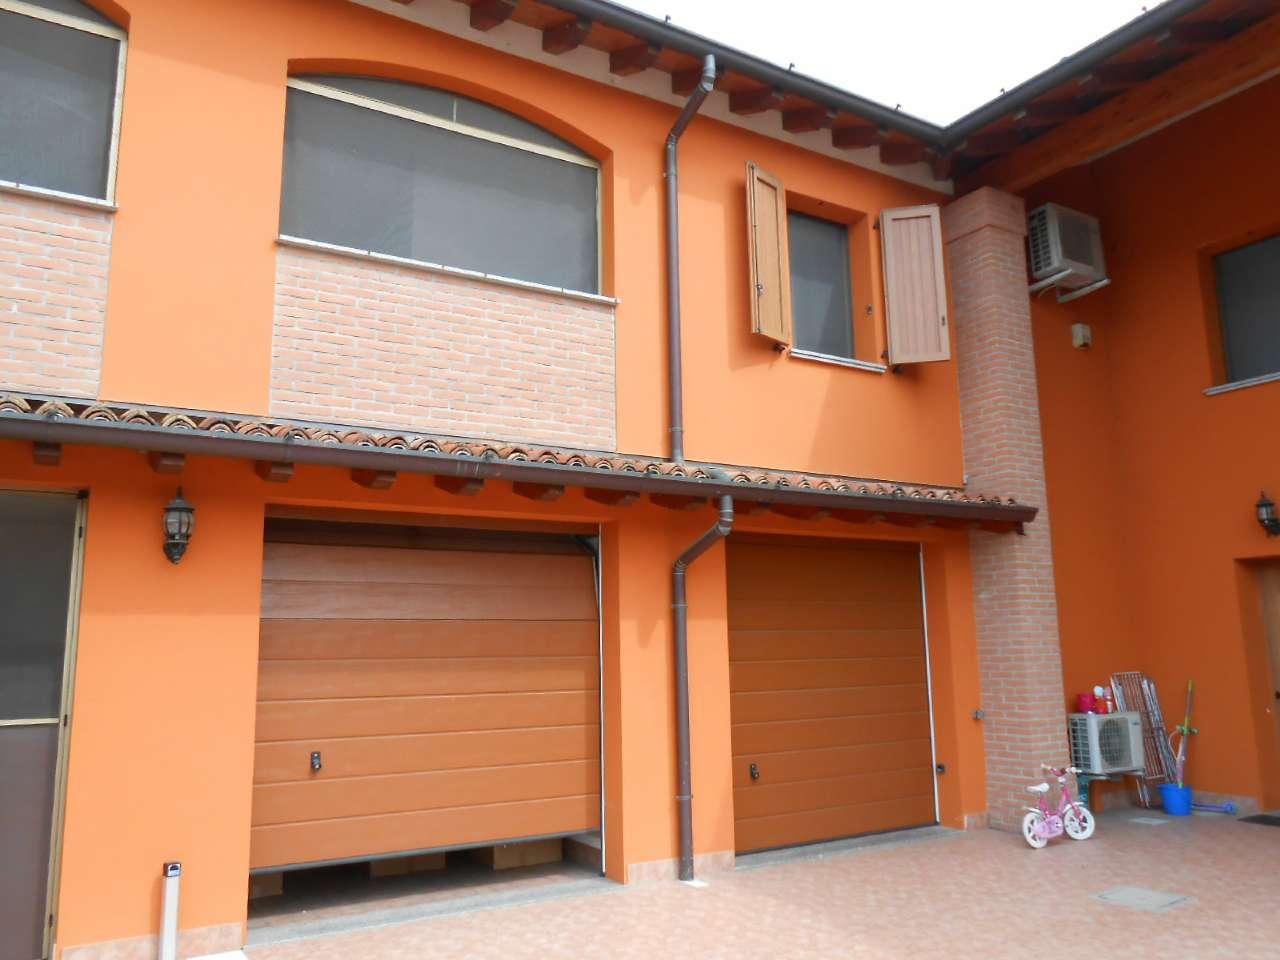 3 locali indipendente, in vendita, Palazzo Pignano